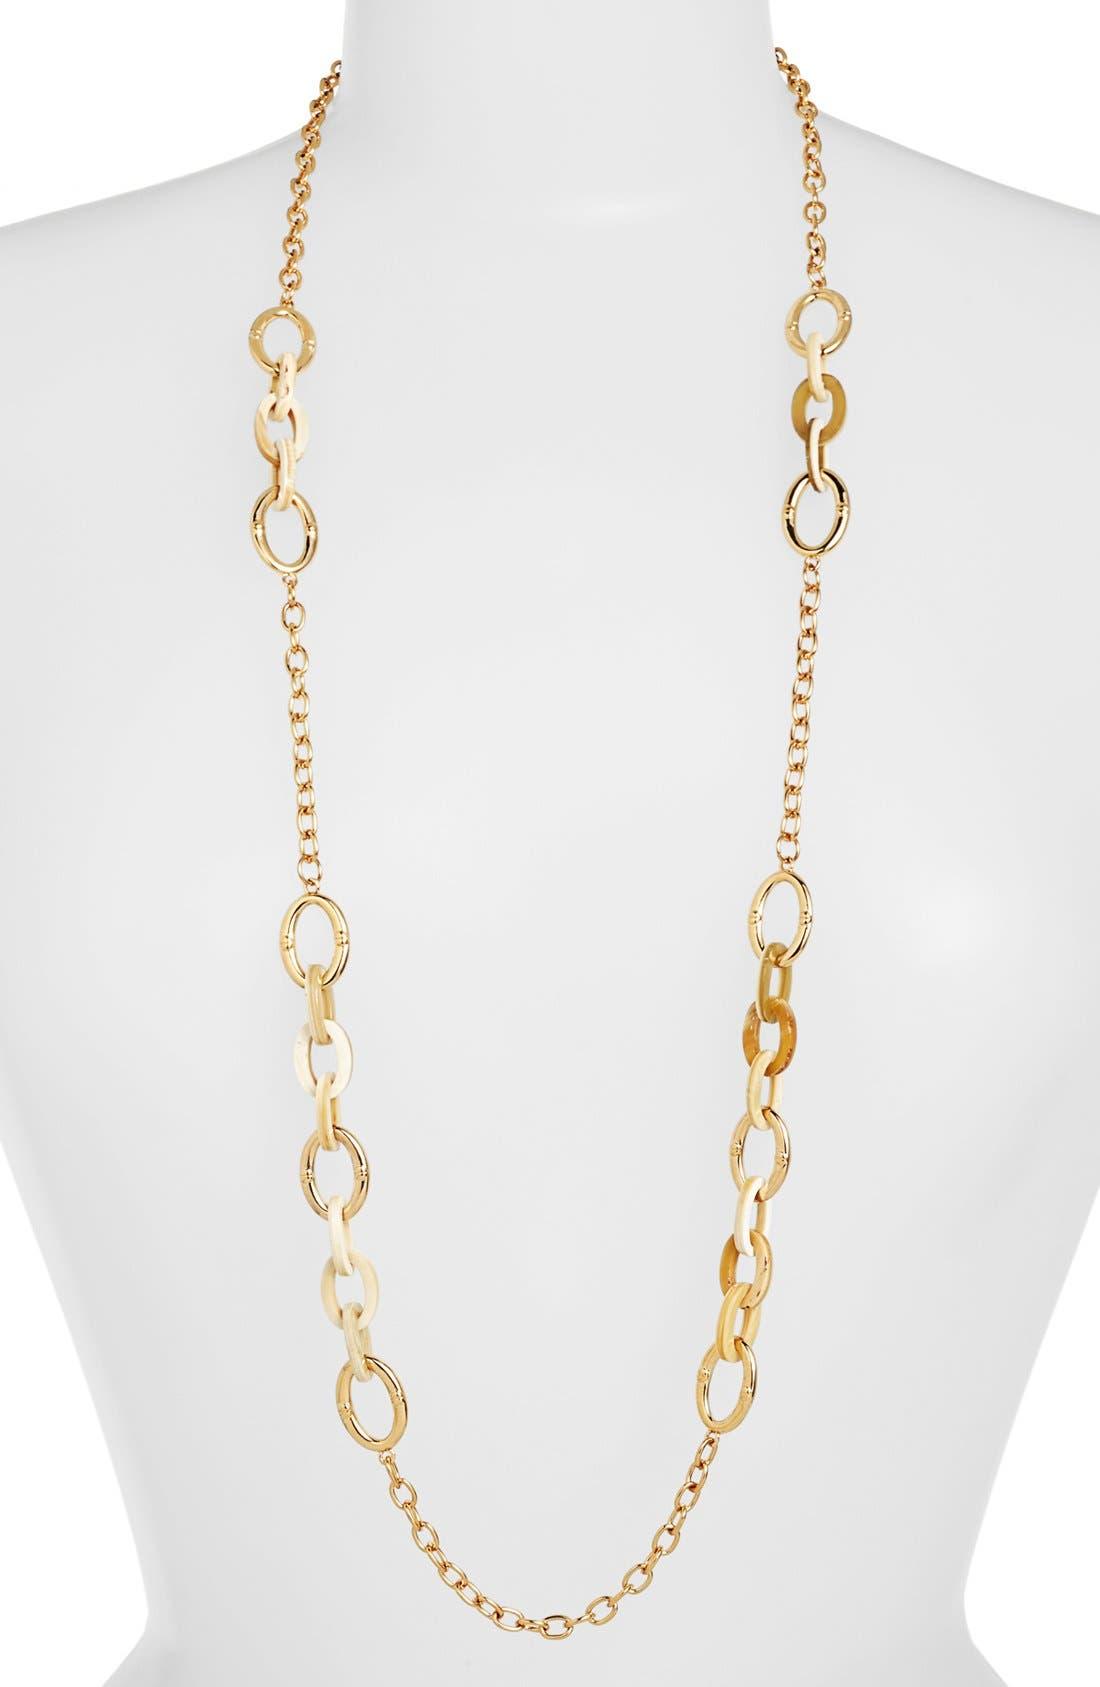 Alternate Image 1 Selected - Lauren Ralph Lauren Horn & Chain Long Necklace